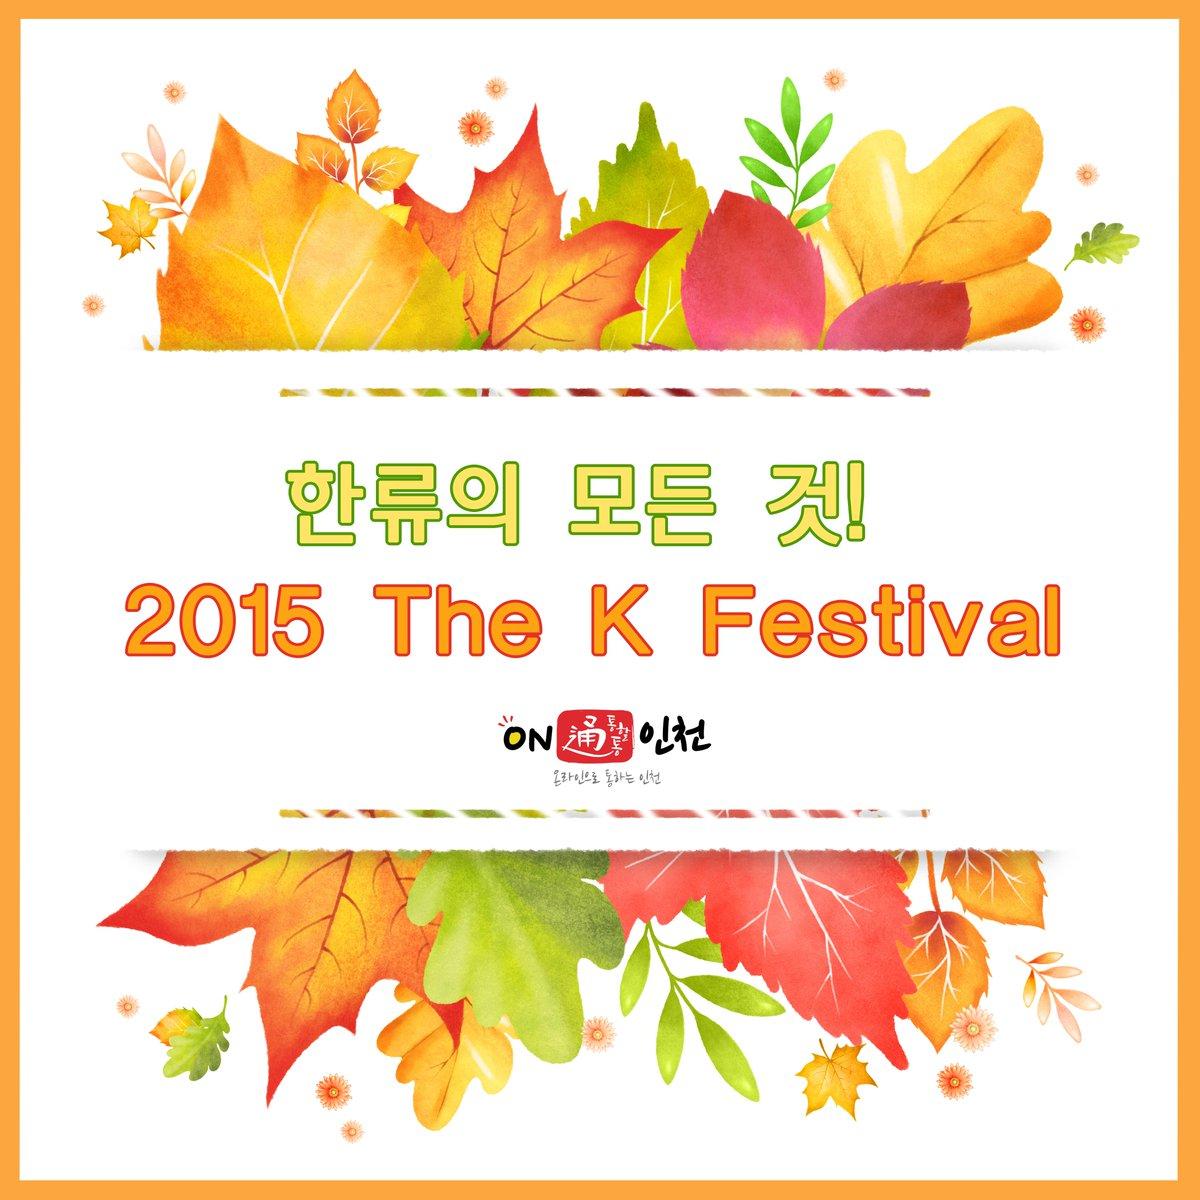 한류의 모든 것! 2015 The K Festival을 미리 만나보아요^^ 원더걸스, EXID, AOA, 이정, 타이거JK 등 더욱 막강해진 라인업! 다양한 축제 행사를 즐기세요 ^,^ #인천시 #한류문화축제 http://t.co/q7miMSWHou